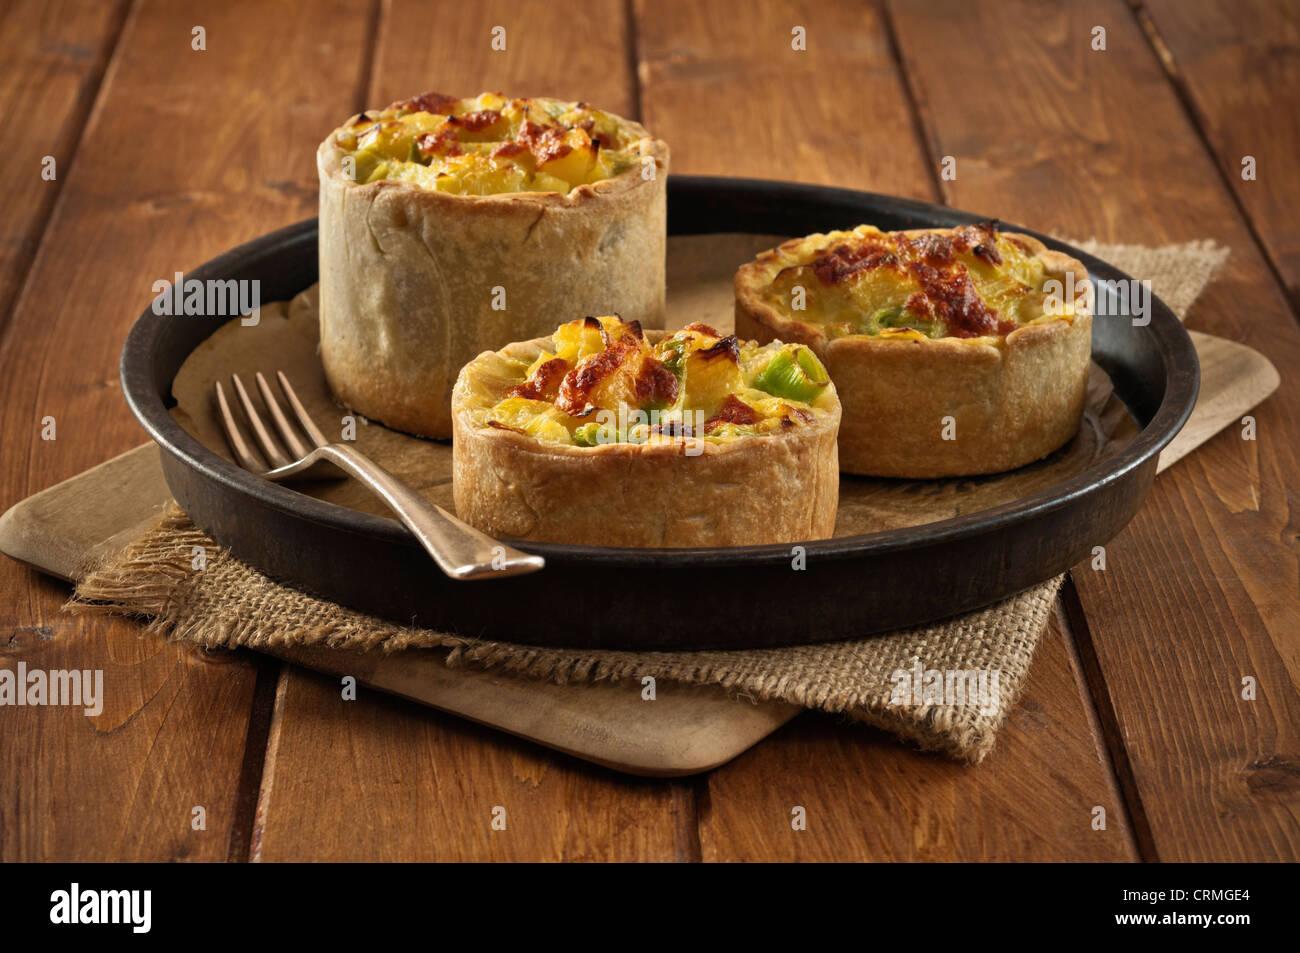 Tarta Homity puerro y patata tarta de queso comida tradicional UK Imagen De Stock